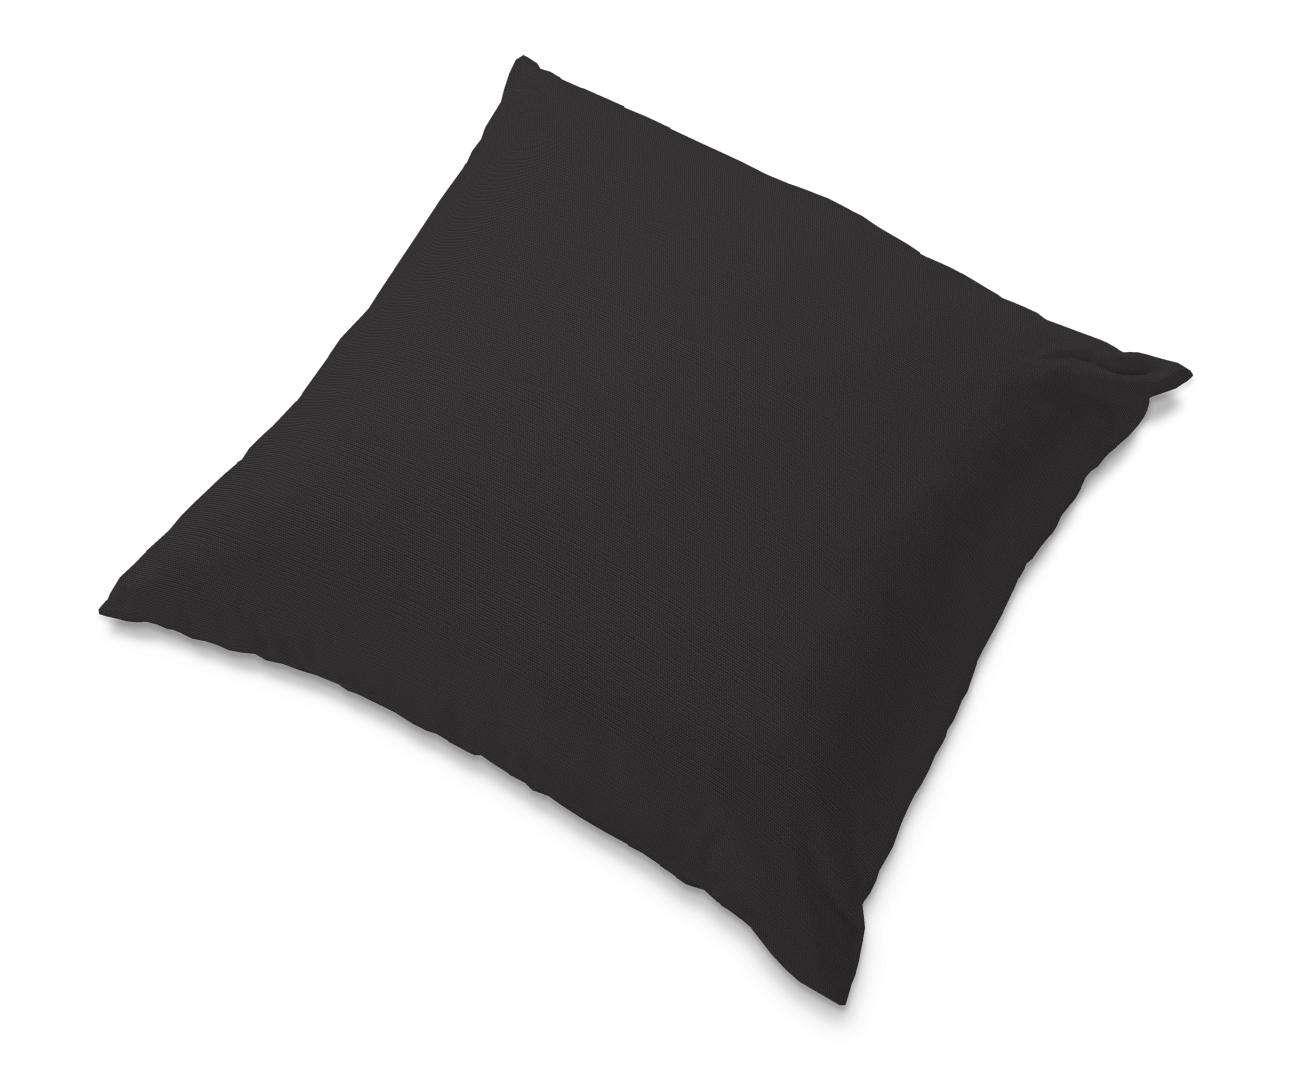 TOMELILLA pagalvėlės užvalkalas 55 x 55 cm kolekcijoje Cotton Panama, audinys: 702-08